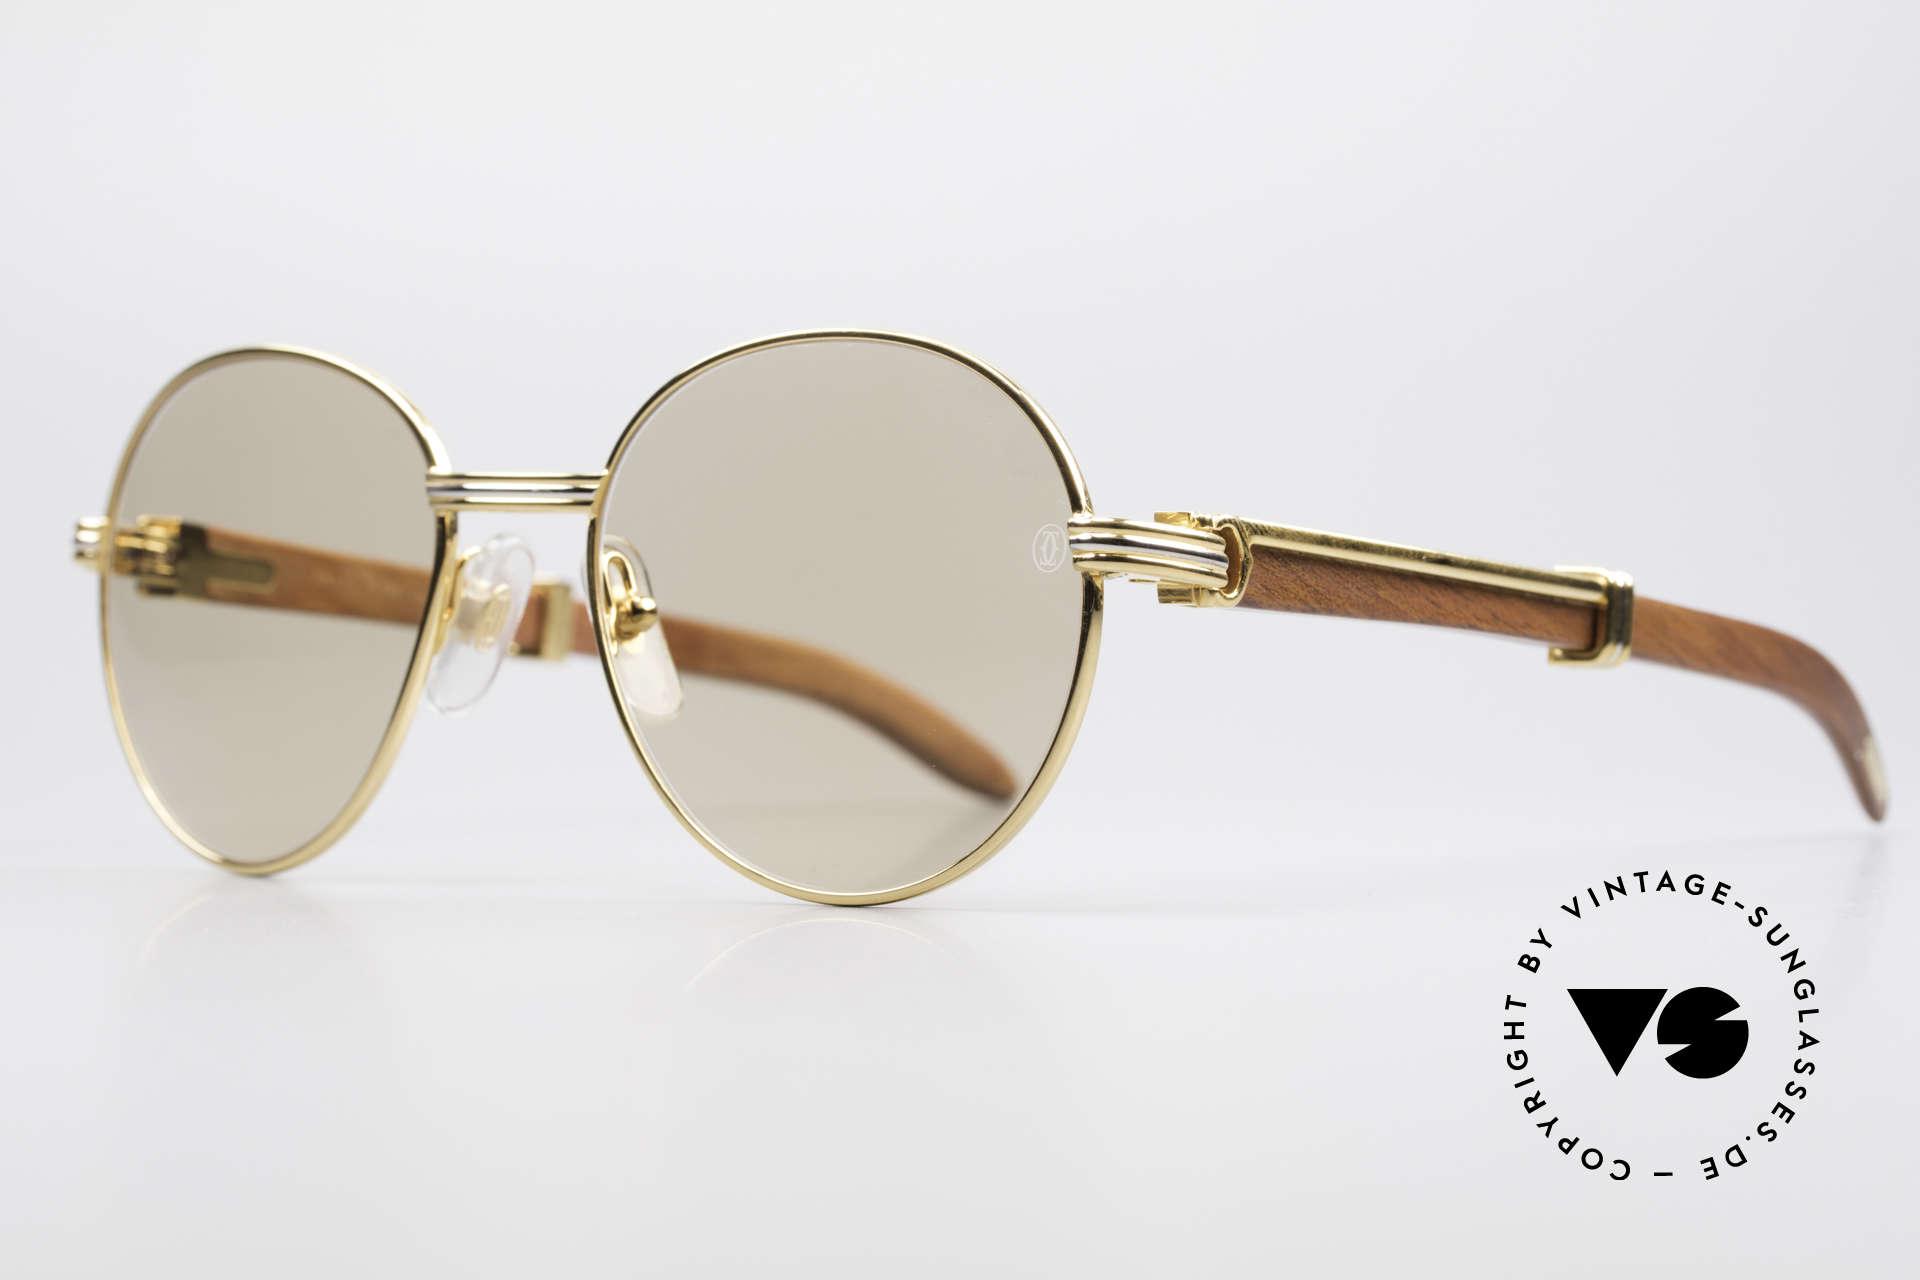 Cartier Bagatelle Bubinga Edelholz Sonnenbrille, kostbare Rarität der teuren 'Precious Wood' Serie, Passend für Herren und Damen